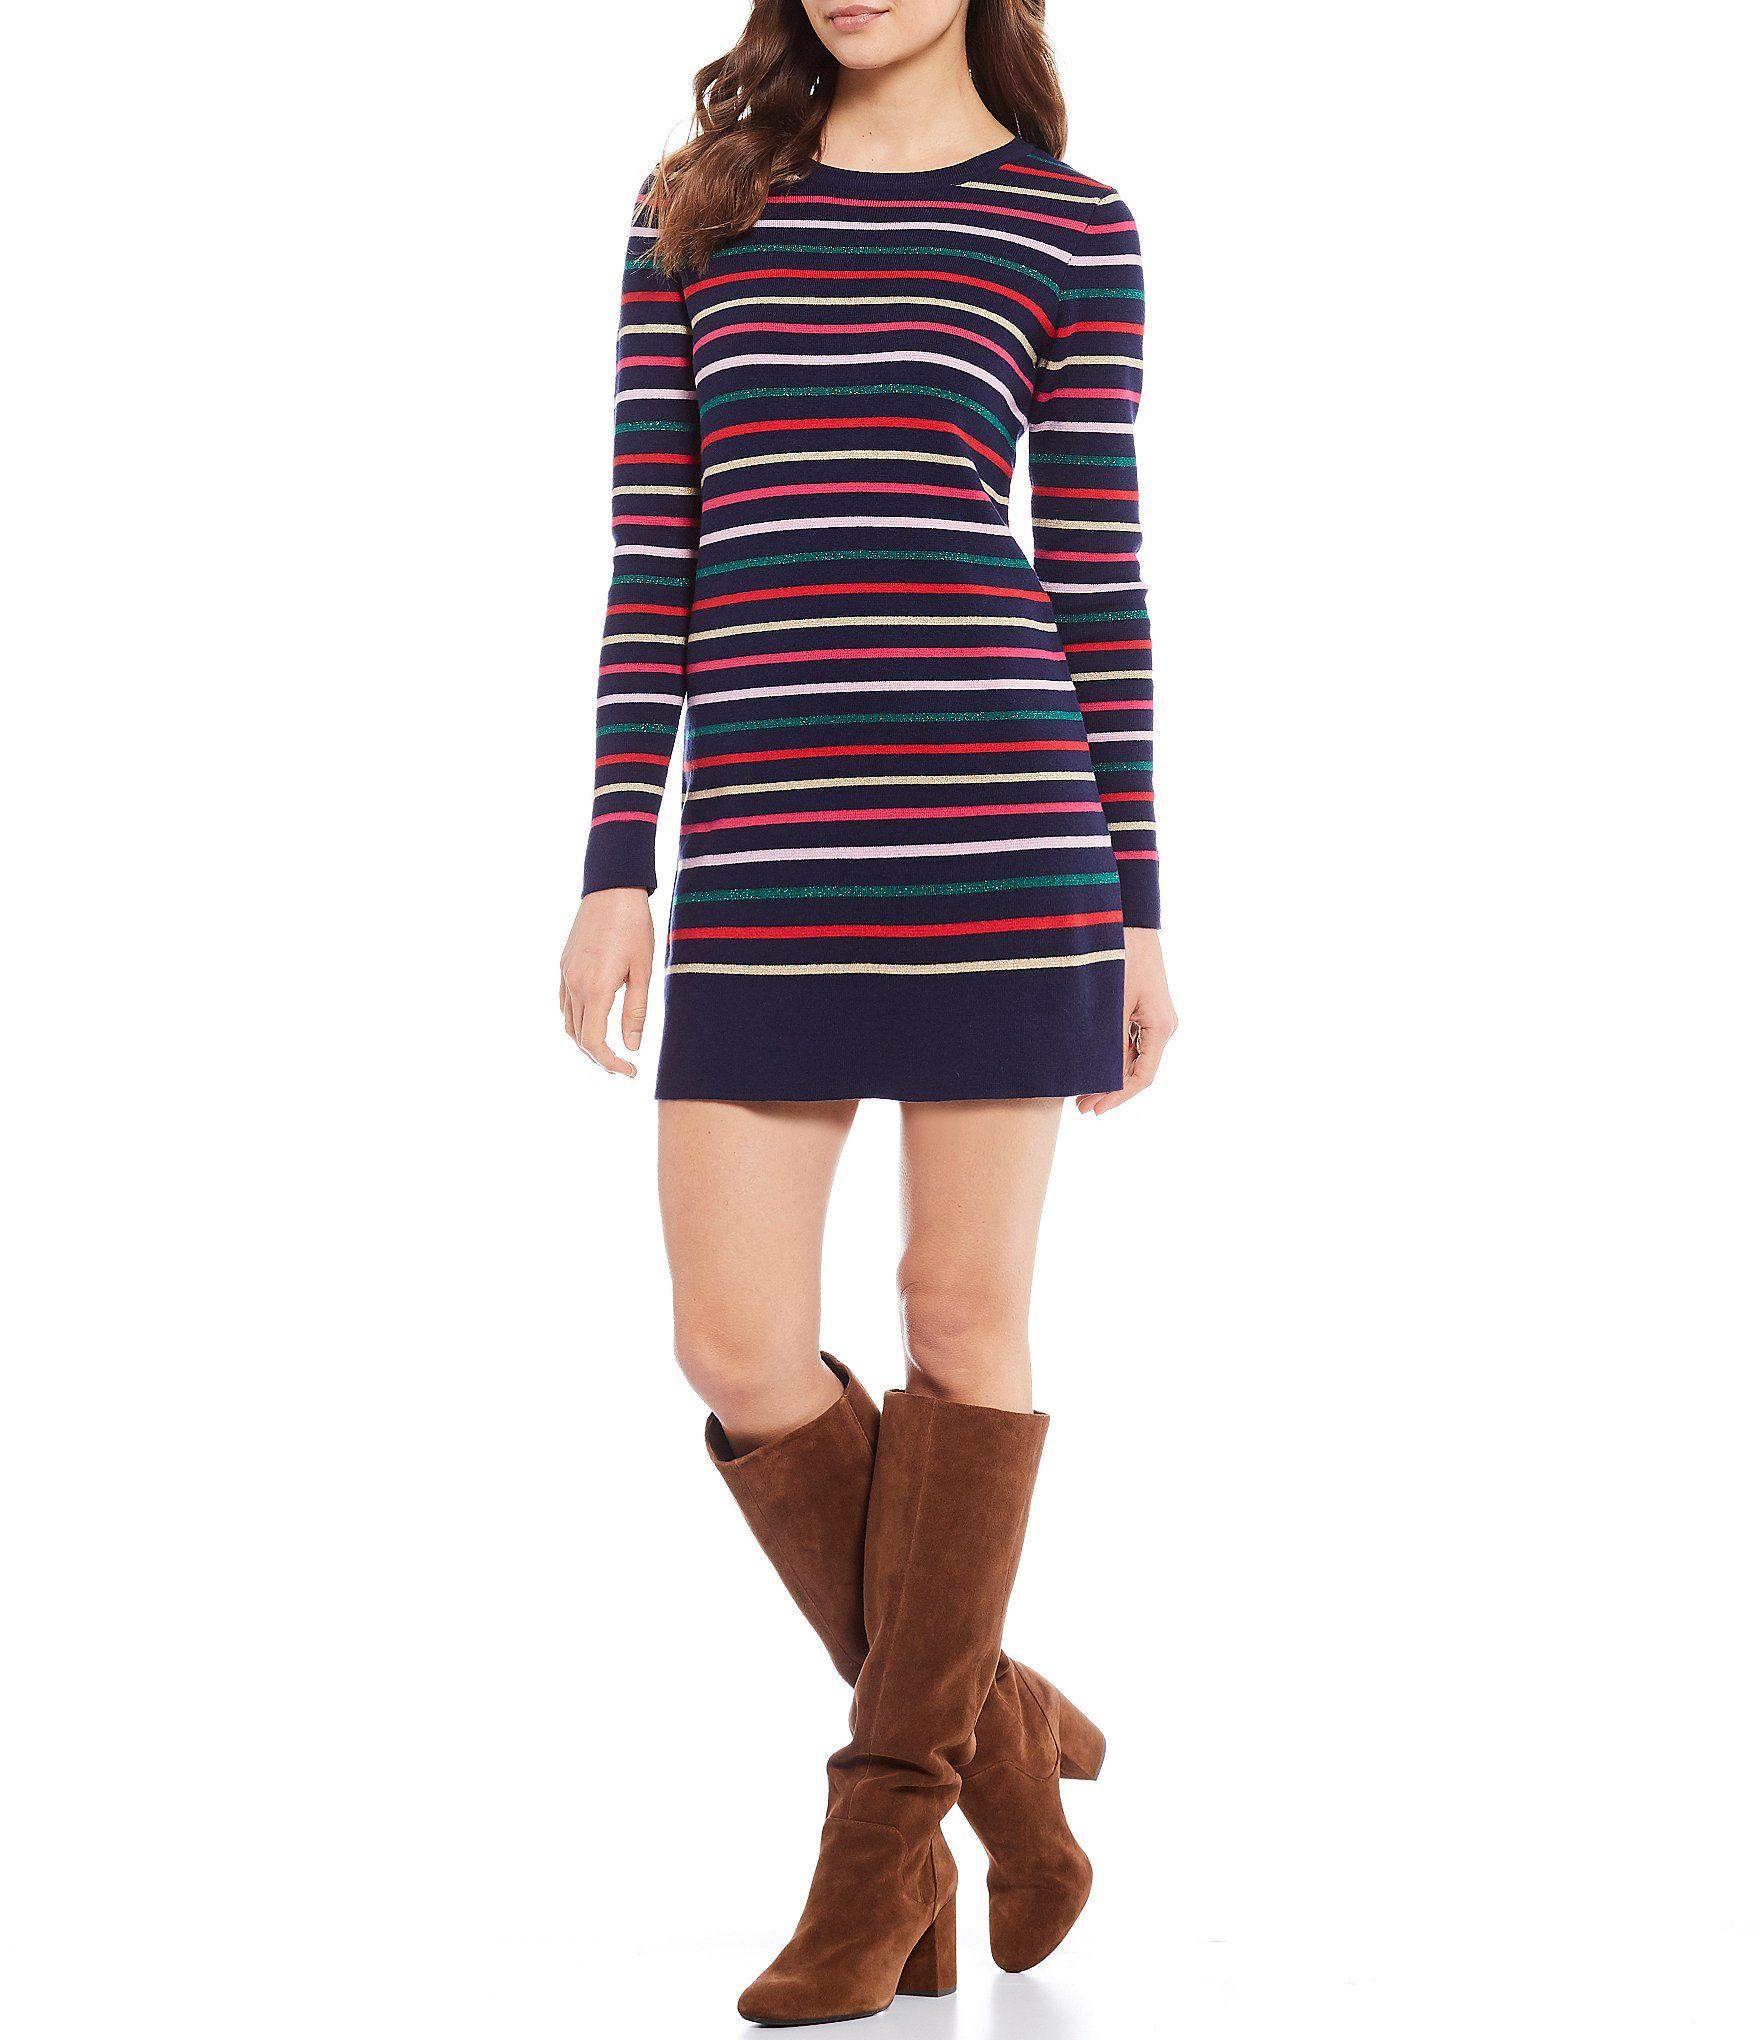 Joules Estelle Long Sleeve Cotton Striped Tie Back Knit Mini Sweater Dress | Dillard's 5